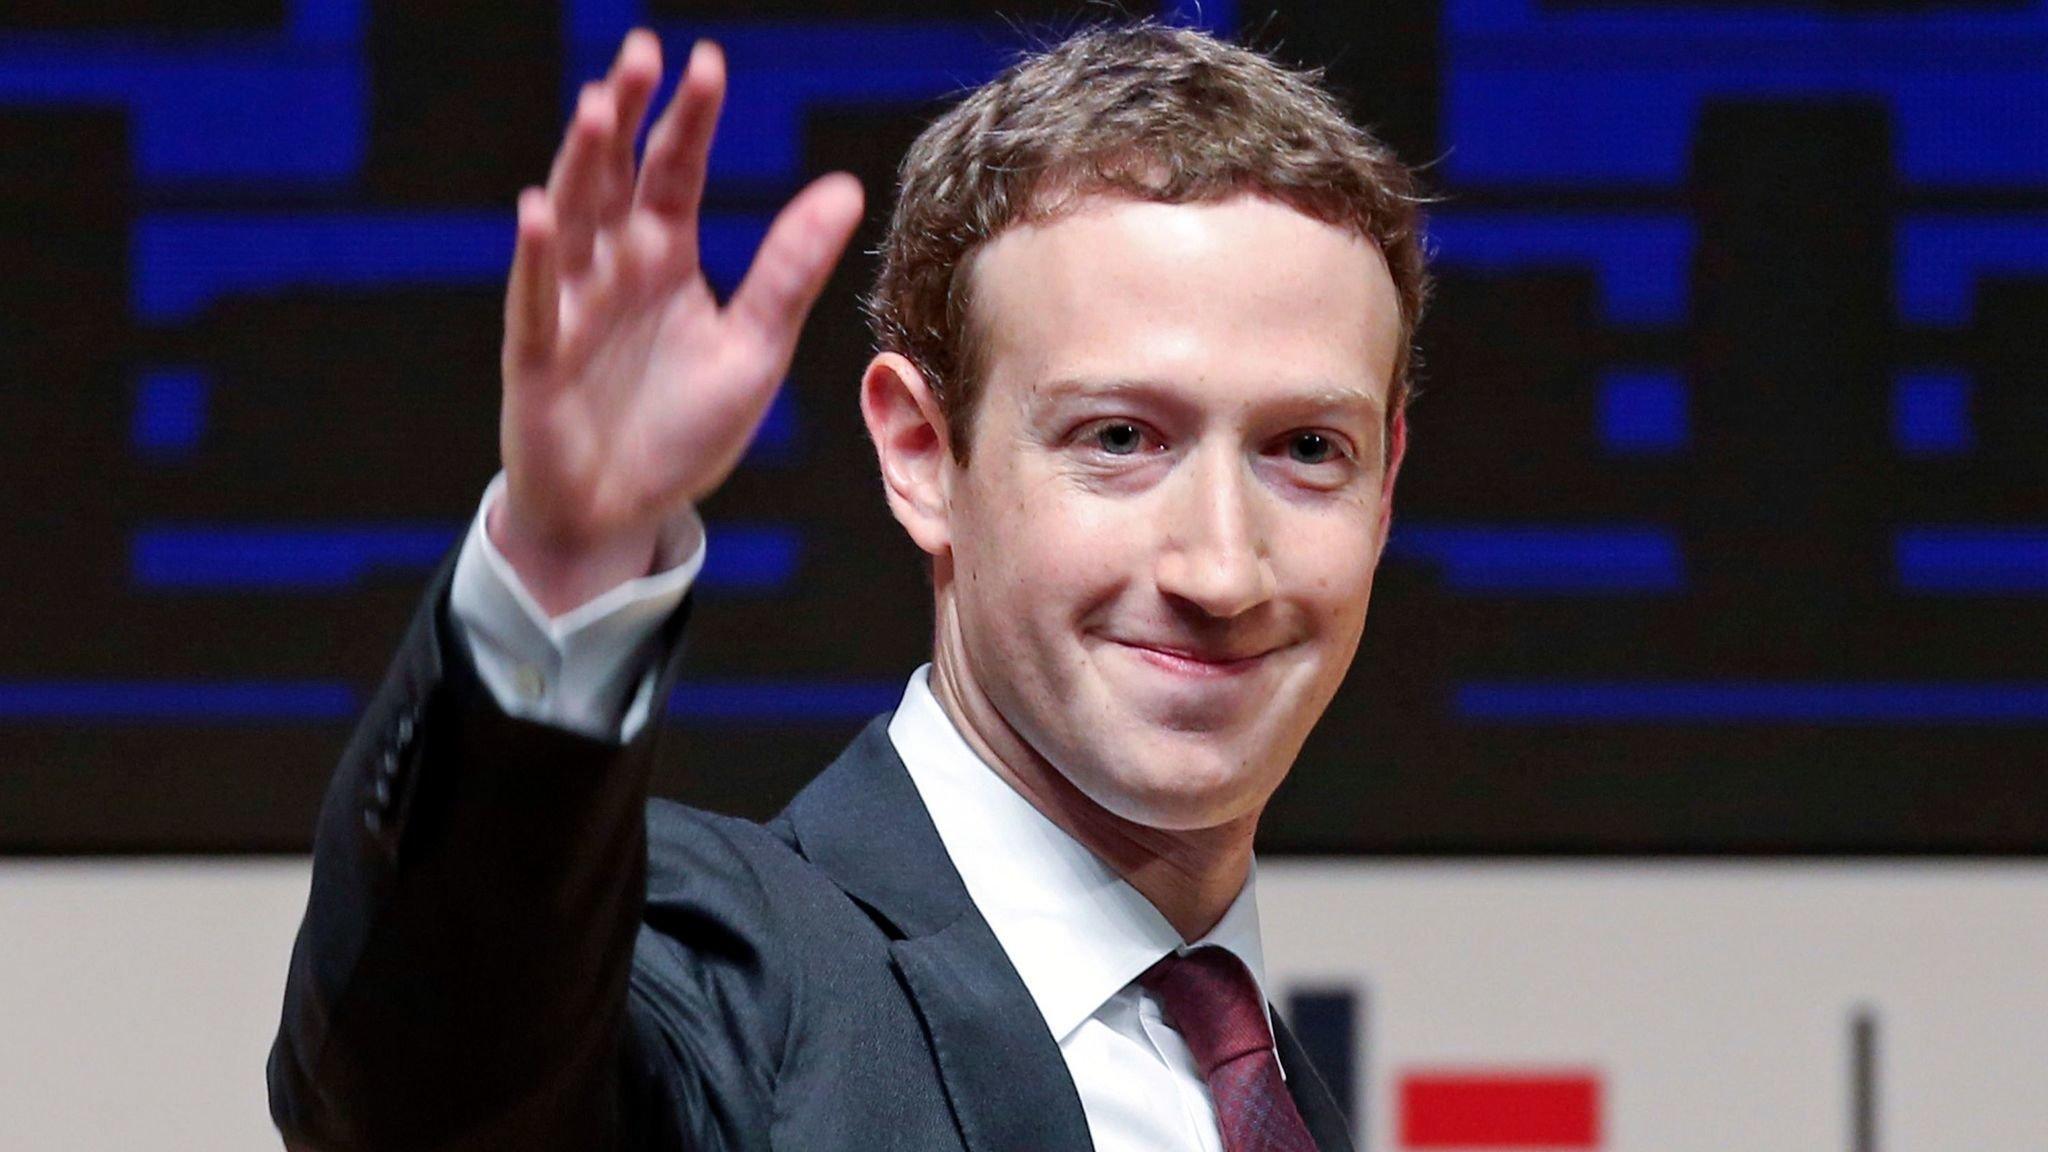 Данные утекают. фейсбук продолжает передавать организациям информацию опользователях